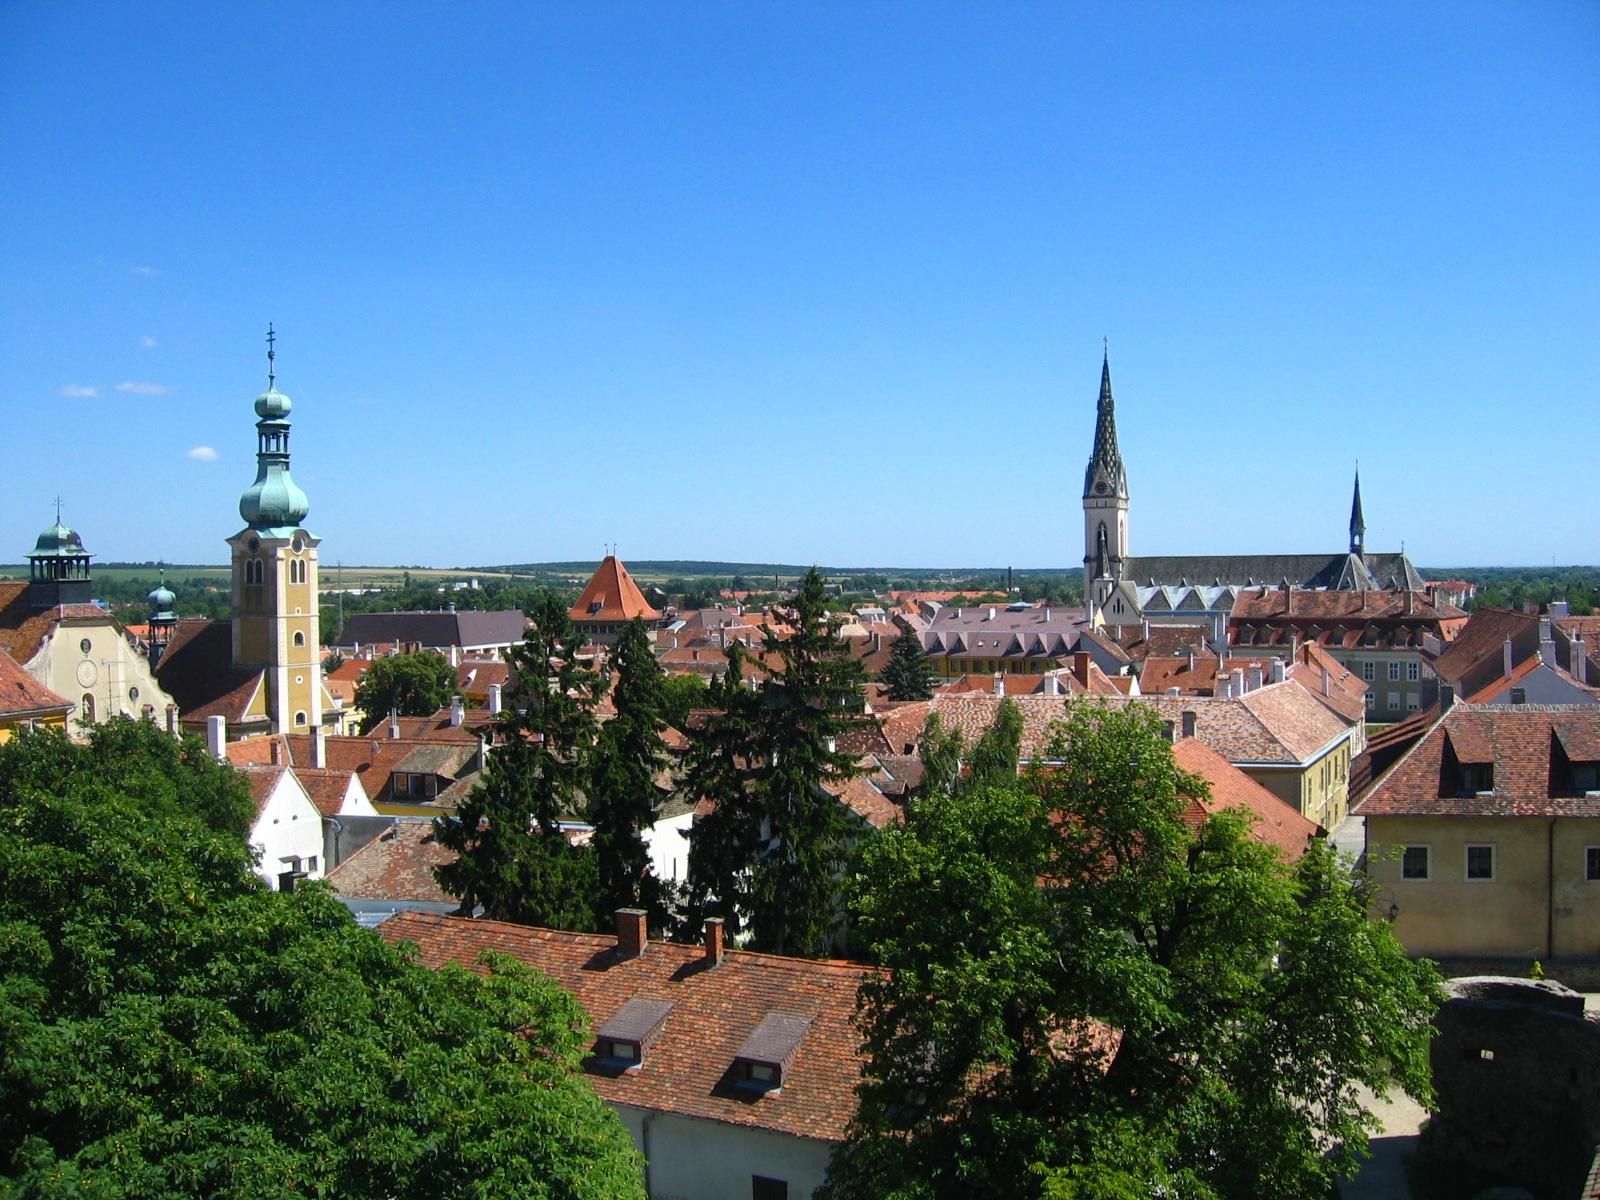 Ezen a képen számos templomtorony látható, de egy vár is található a településen. Melyik város ez?